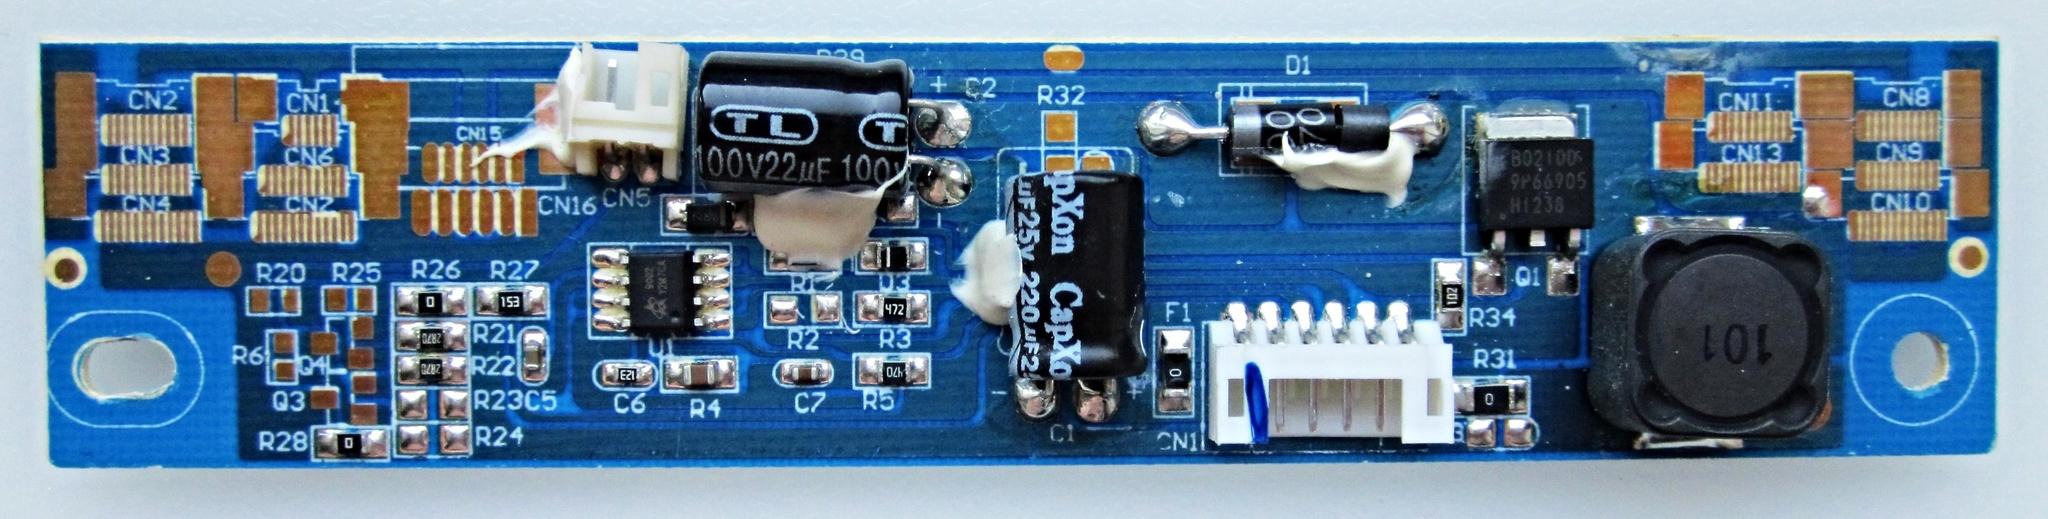 HQ-LED60-1R